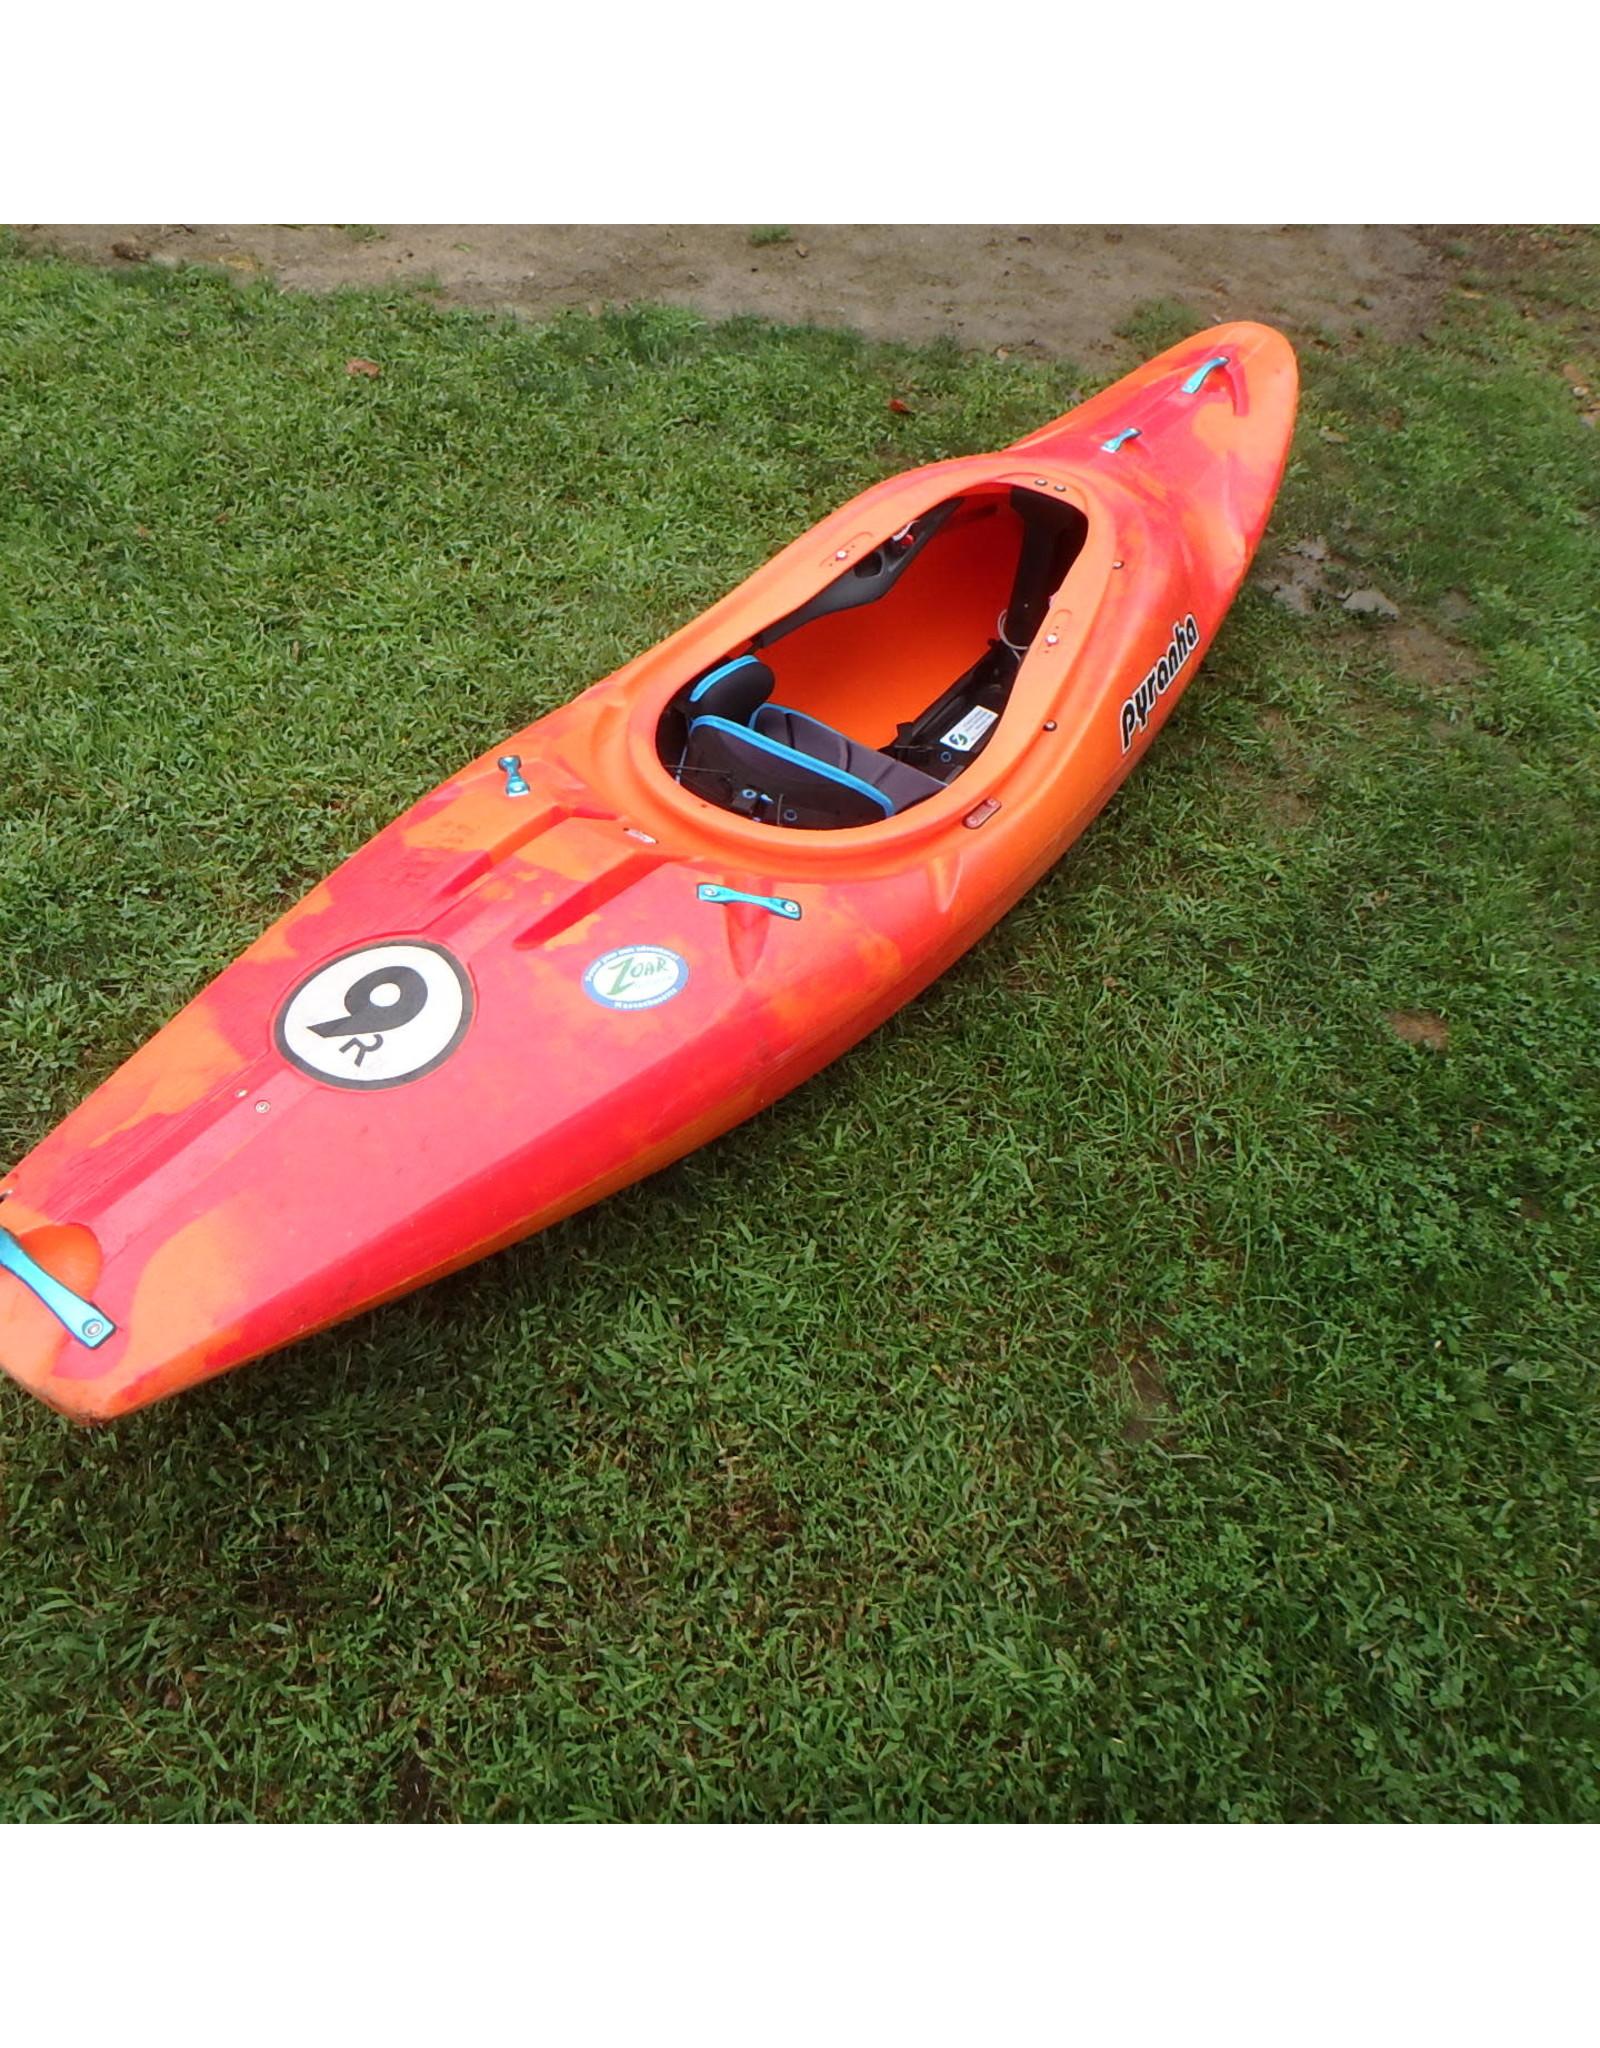 Pyranha Pyranha 9R II Kayak - DEMO - For Sale!